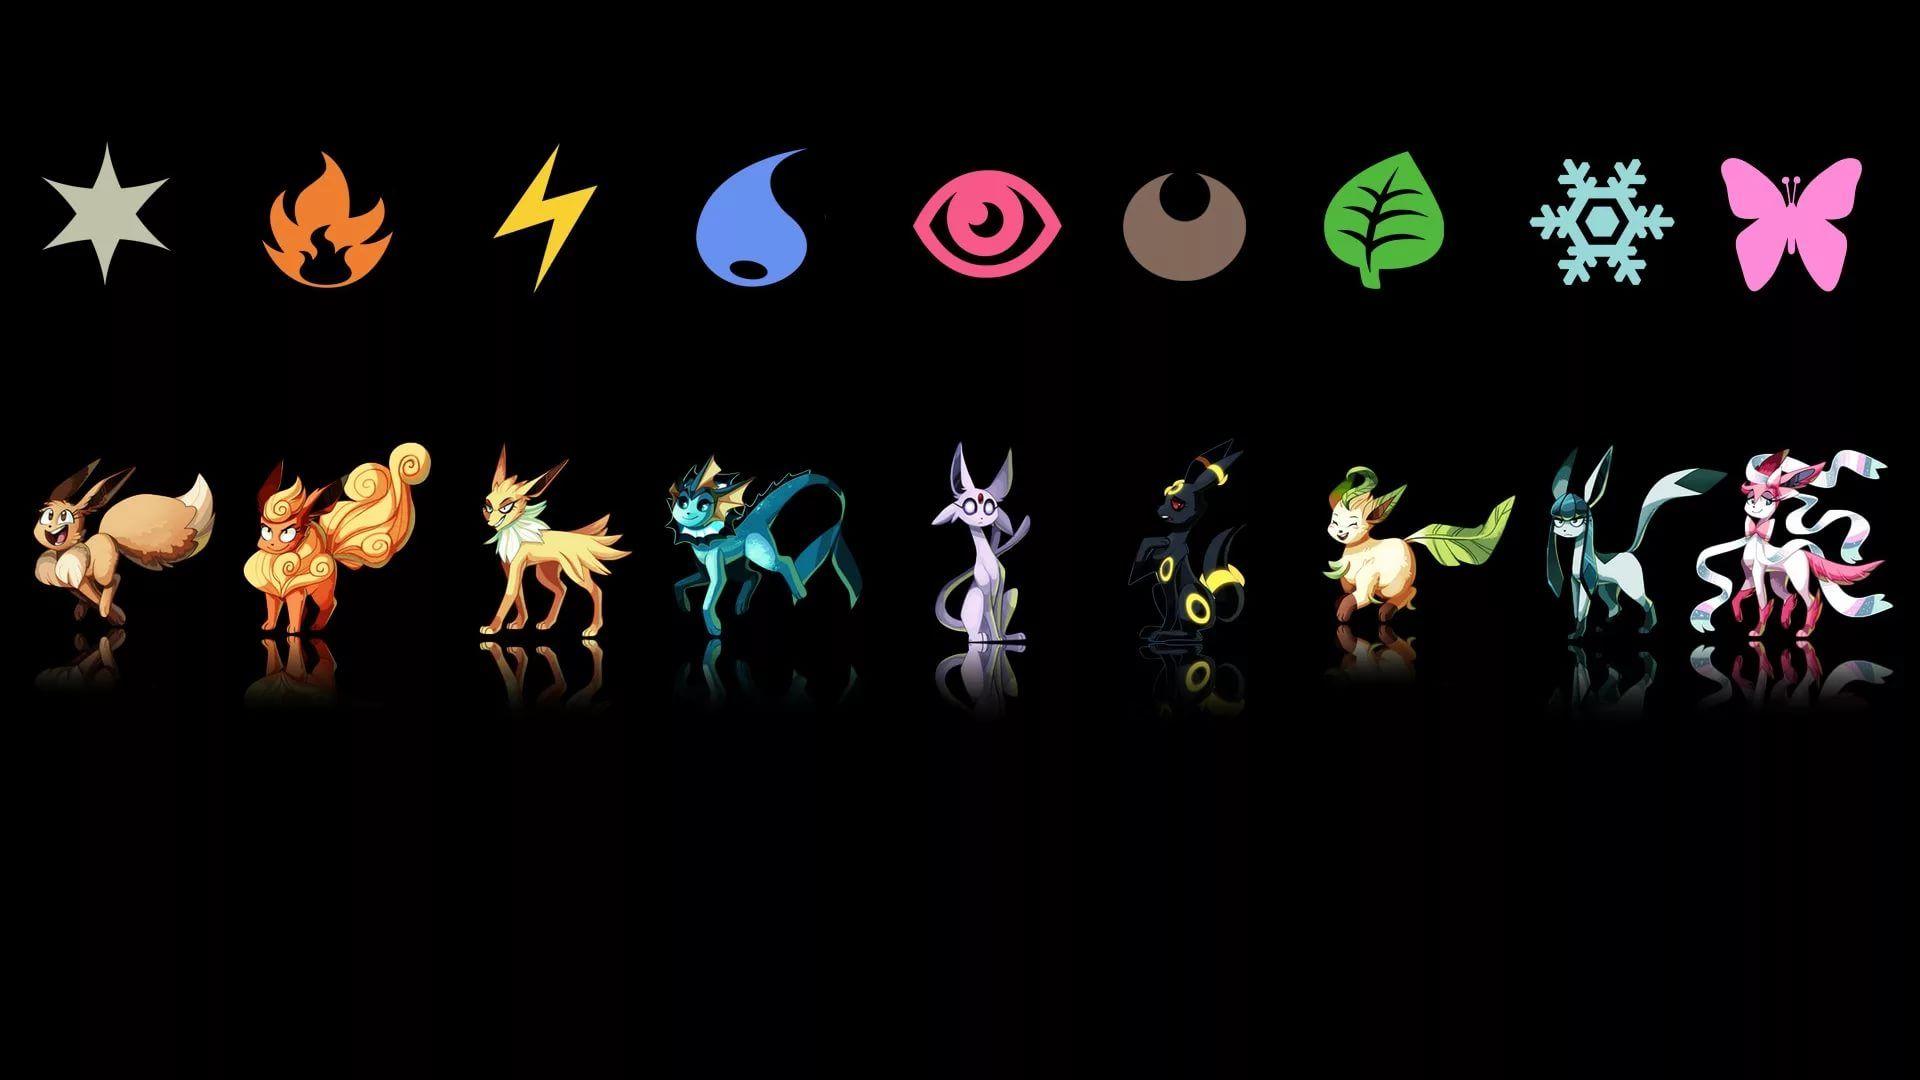 Eevee Evolution screen wallpaper